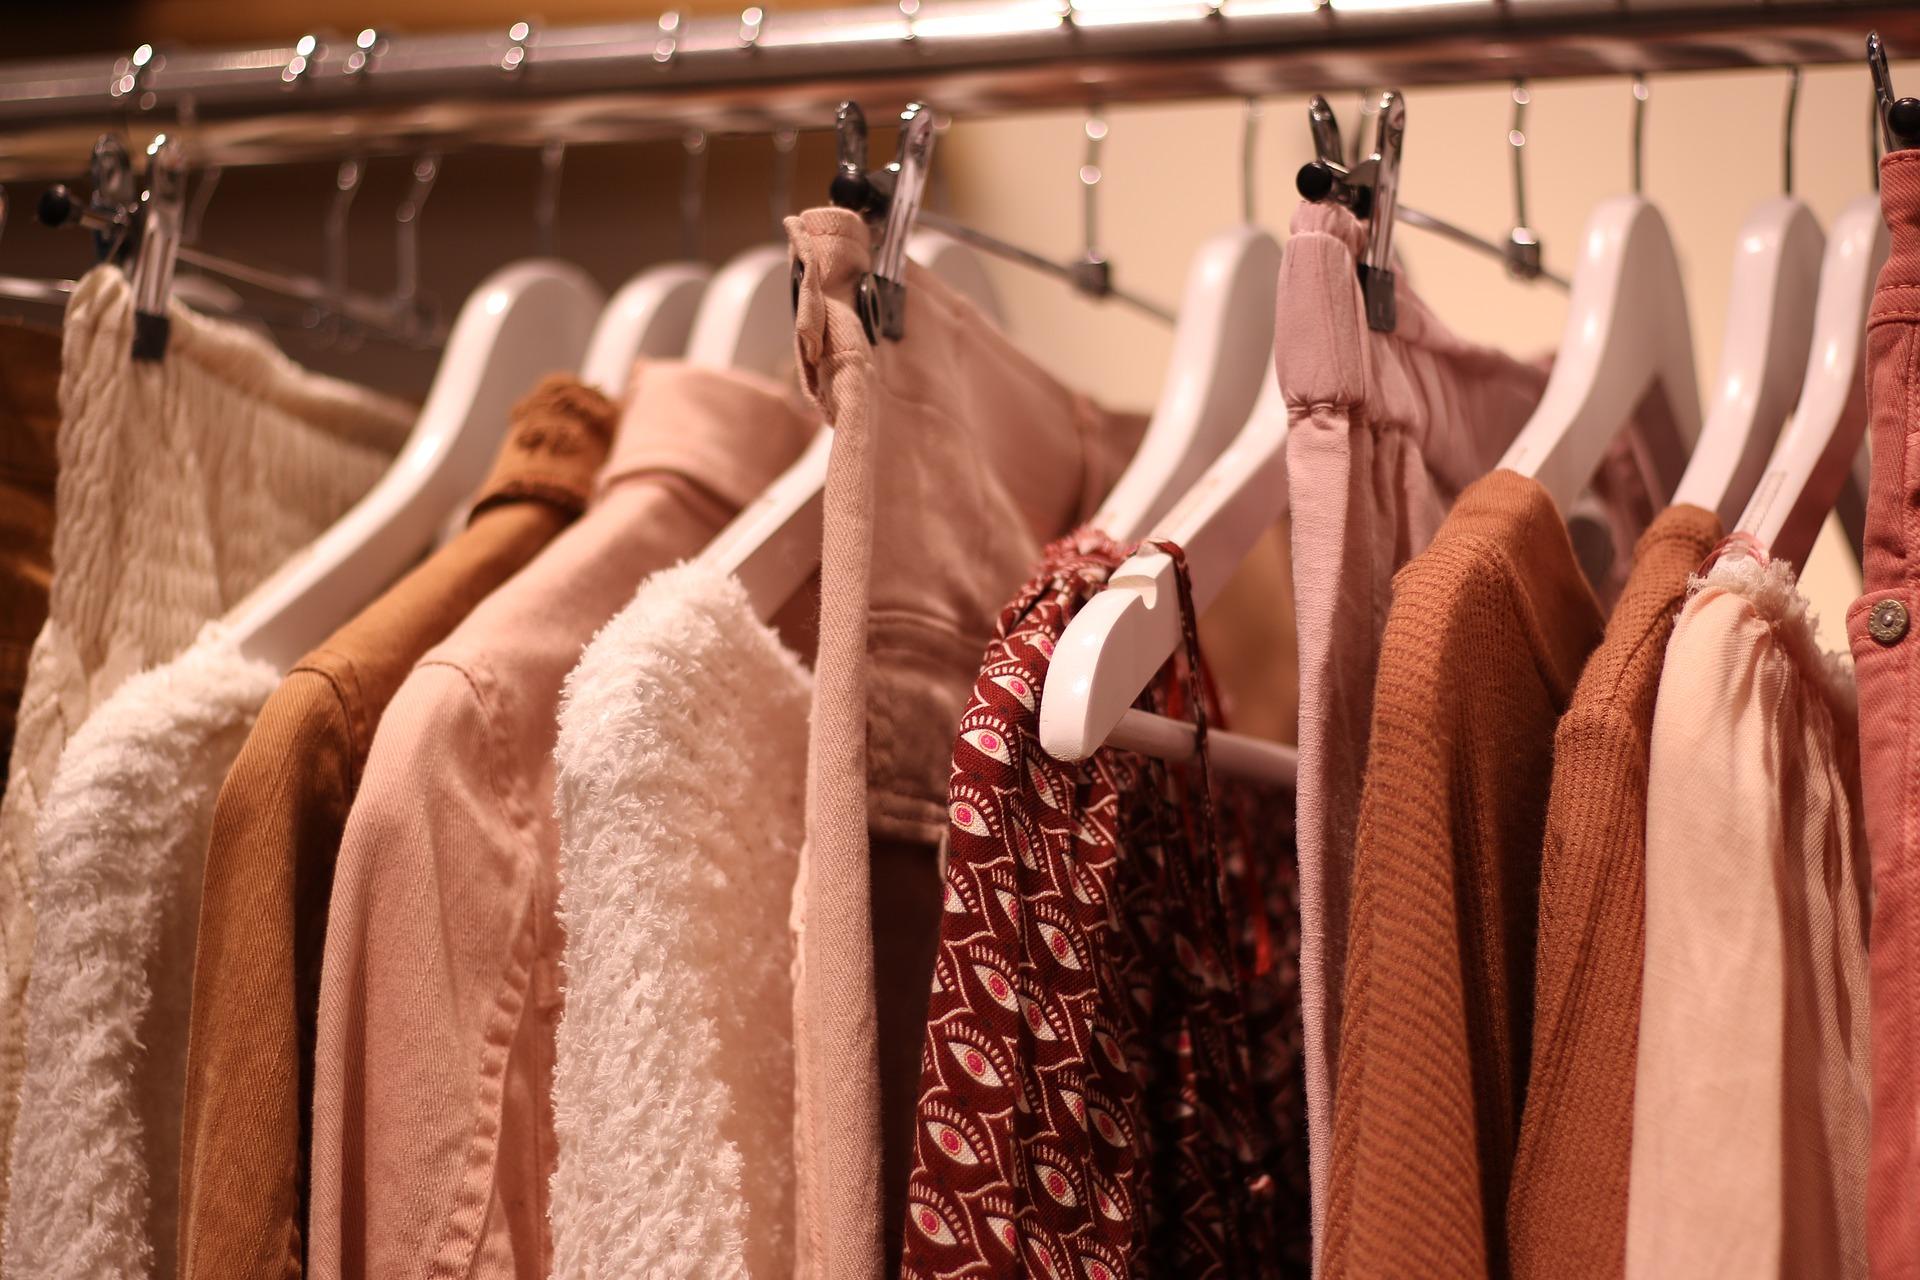 clothes 3987460 1920